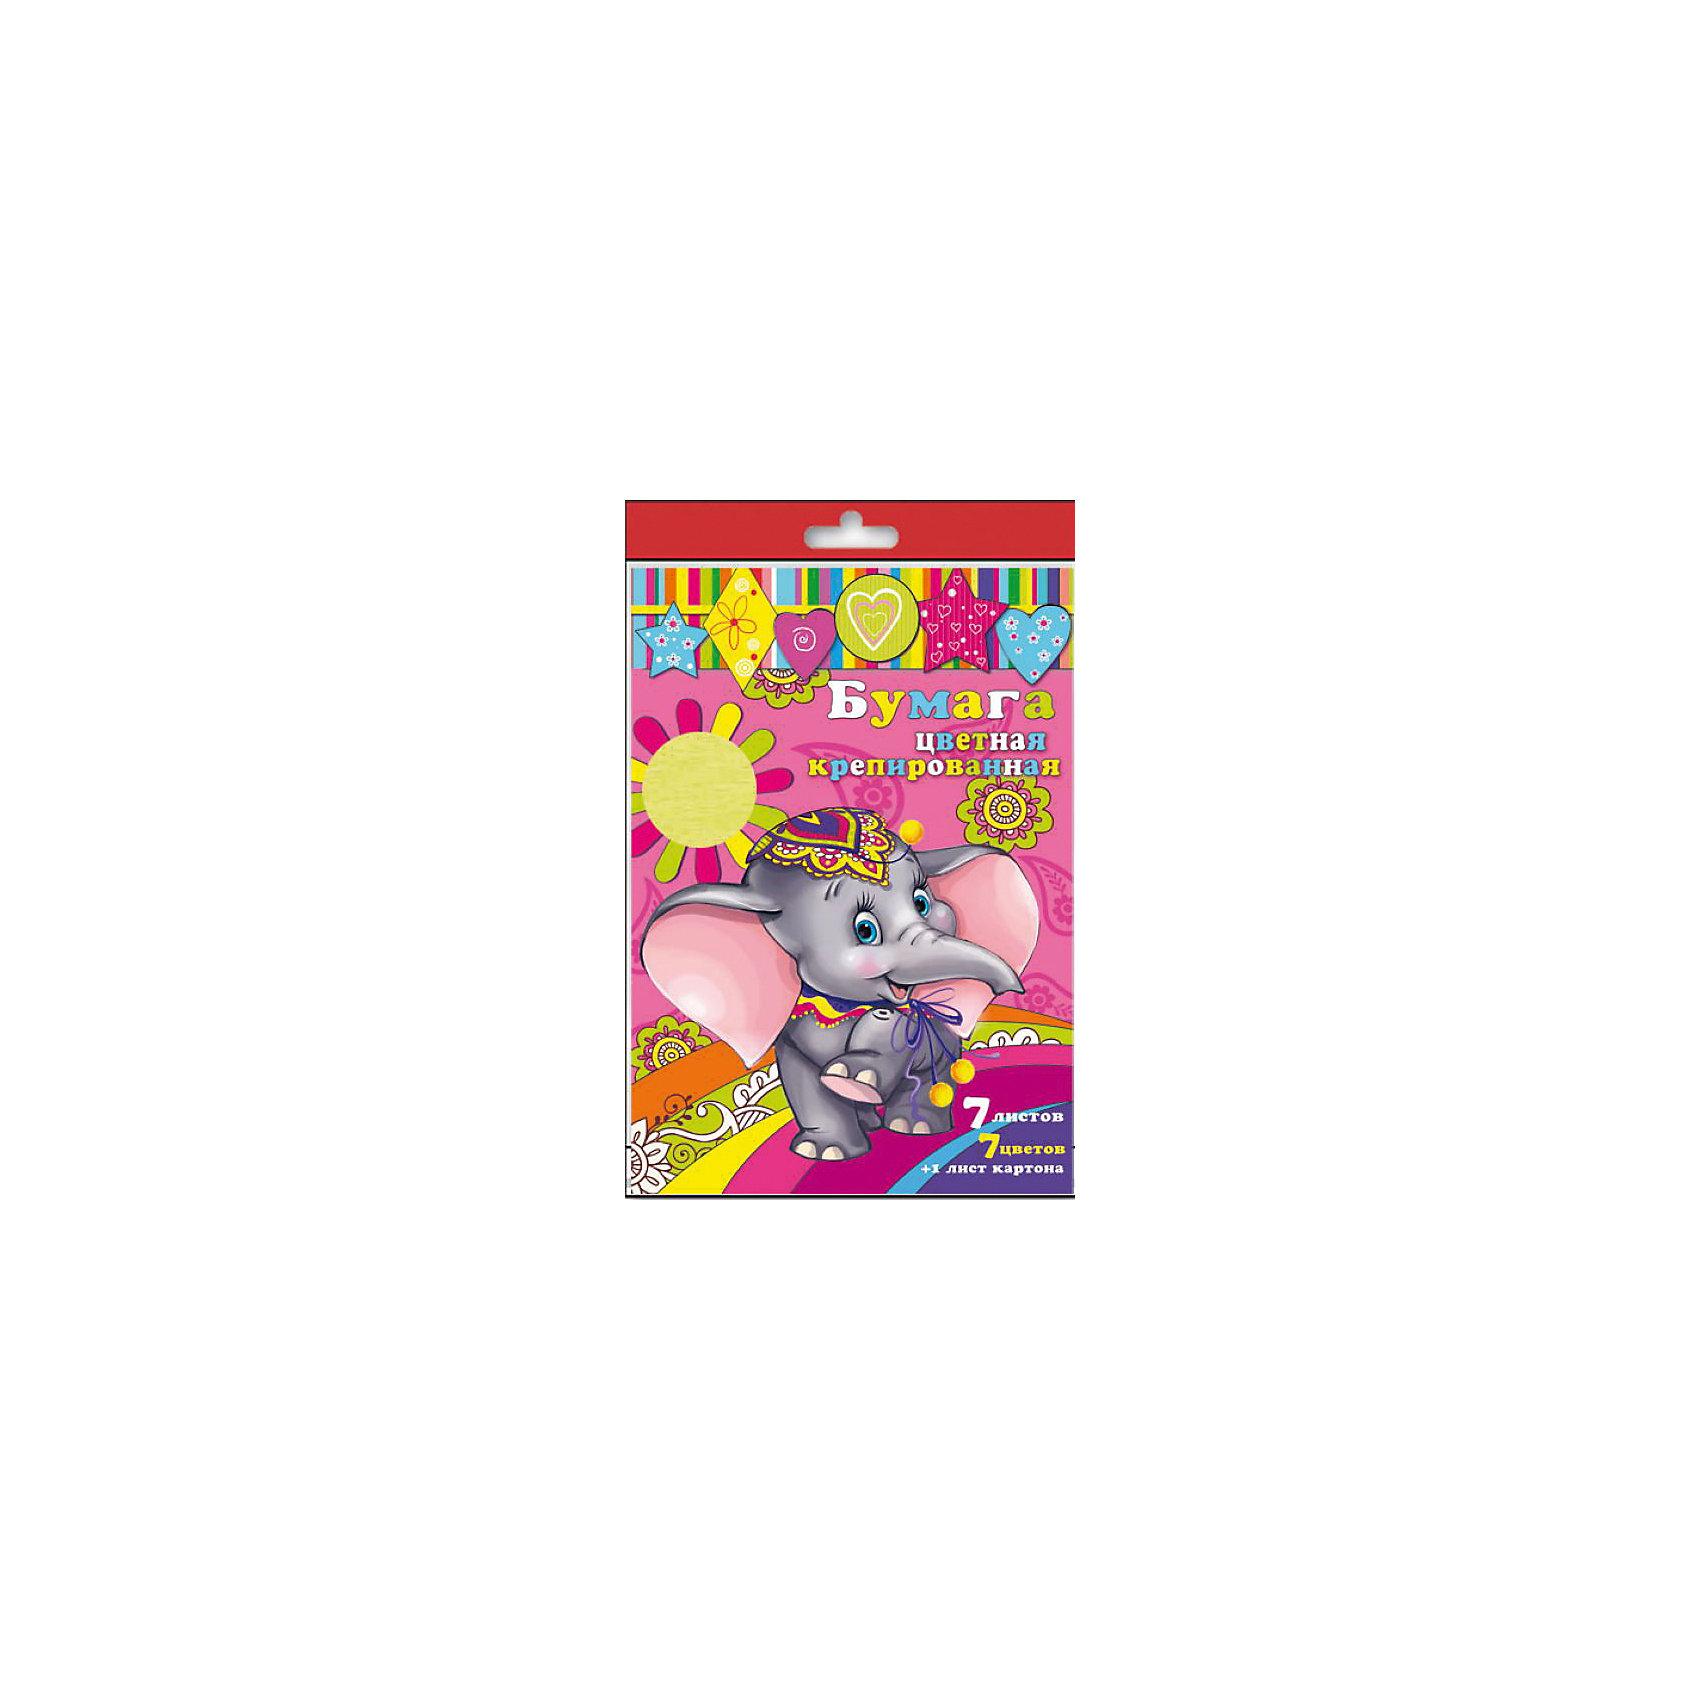 Набор цветной крепированой бумаги и картонаИзумительная набор цветной крепированной бумаги и картона, из них Ваш малыш сможет сделать множество ярких цветов, зверюшек или другие поделки.<br><br>Дополнительная информация:<br><br>- Возраст: от 3 лет.<br>- 7 листов бумаги и 1 лист картона.<br>- Цвета в наборе: красный, желтый, голубой, зеленый, коричневый, серебристый, золотистый.<br>- Материал: бумага, картон.<br>- Размеры: 21х29,7 см.<br>- Размер упаковки: 34х21х0,2 см.<br>- Вес в упаковке: 32 г. <br><br>Купить набор крепированной цветной бумаги и картона, можно в нашем магазине.<br><br>Ширина мм: 340<br>Глубина мм: 210<br>Высота мм: 2<br>Вес г: 32<br>Возраст от месяцев: 36<br>Возраст до месяцев: 2147483647<br>Пол: Унисекс<br>Возраст: Детский<br>SKU: 4943615